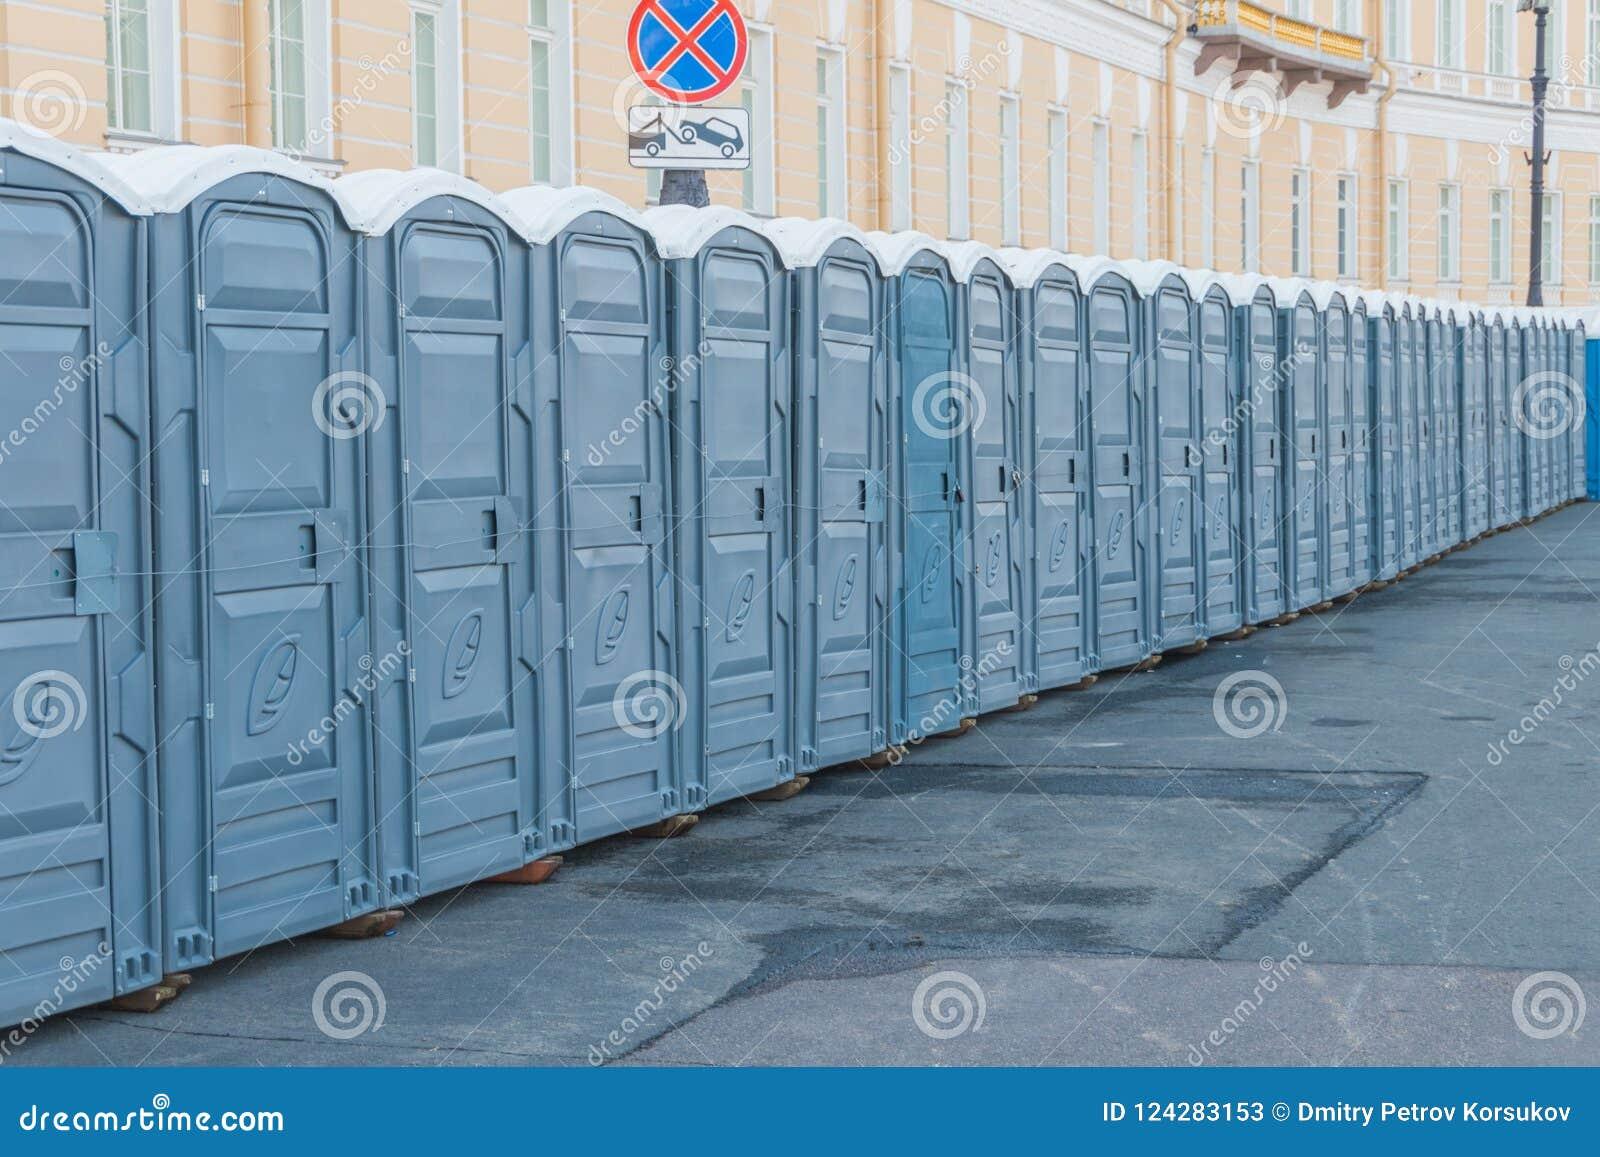 Vie della città chiusa sulle toilette pubbliche di un lucchetto